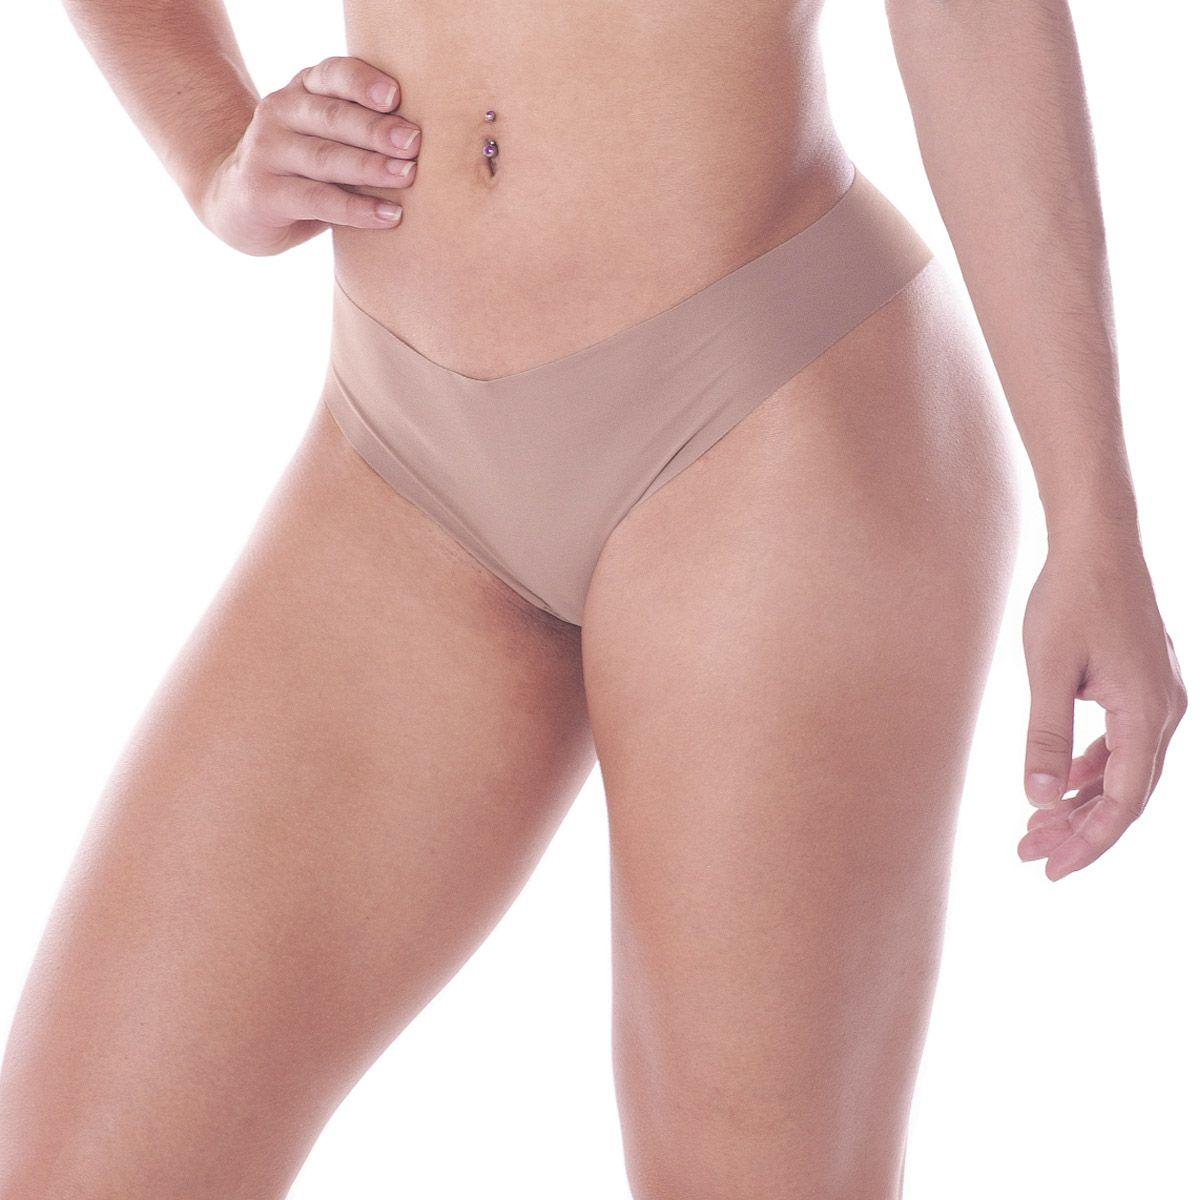 Calcinha Feminina De Microfibra Modelo Tanga Sem Costura Trifil